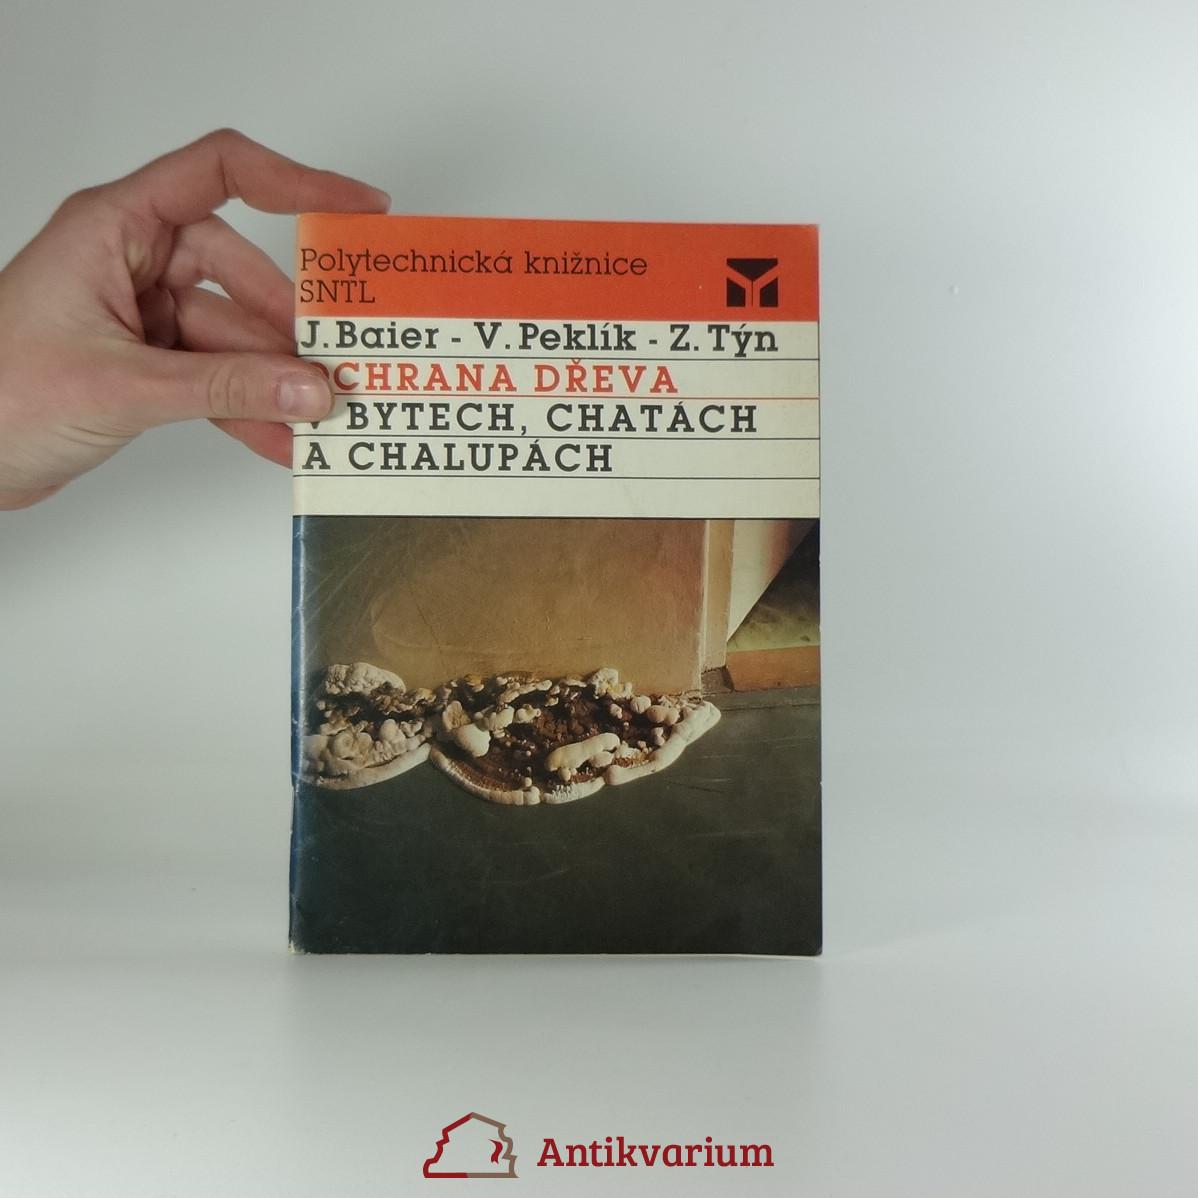 antikvární kniha Ochrana dřeva v bytech, chatách a chalupách, 1989